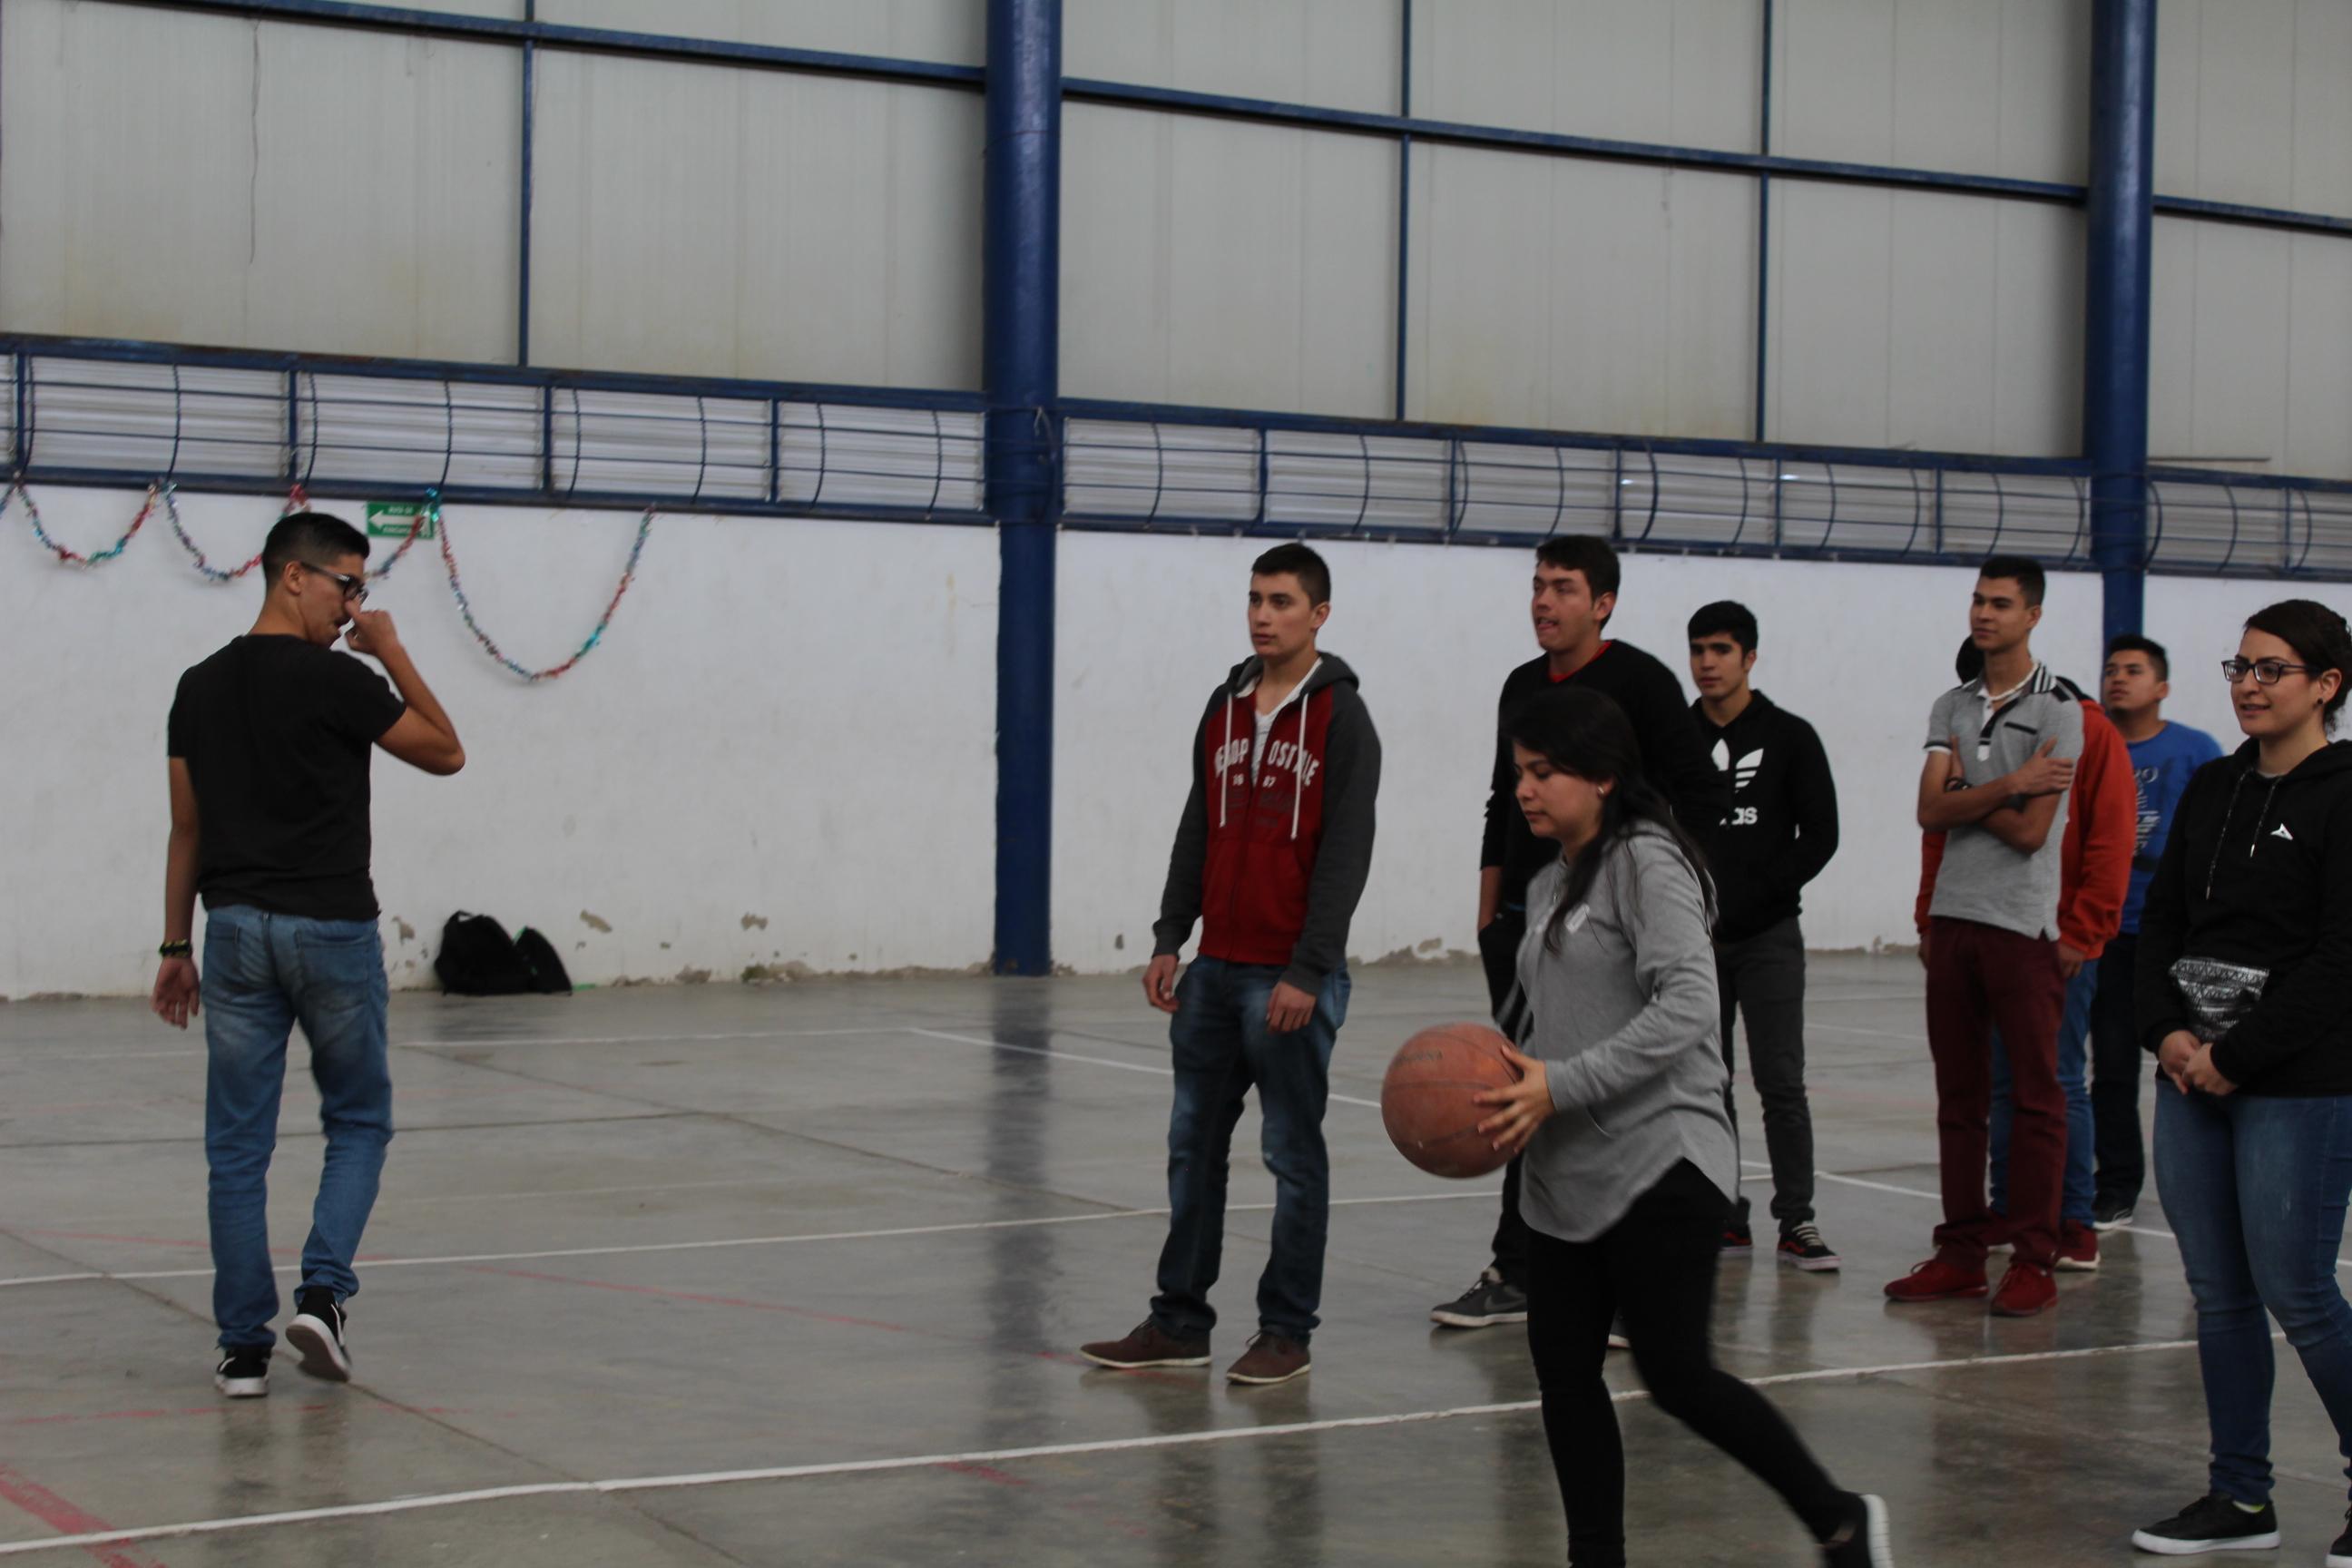 Estudiantes practicando el encestando del balón de básquetbol